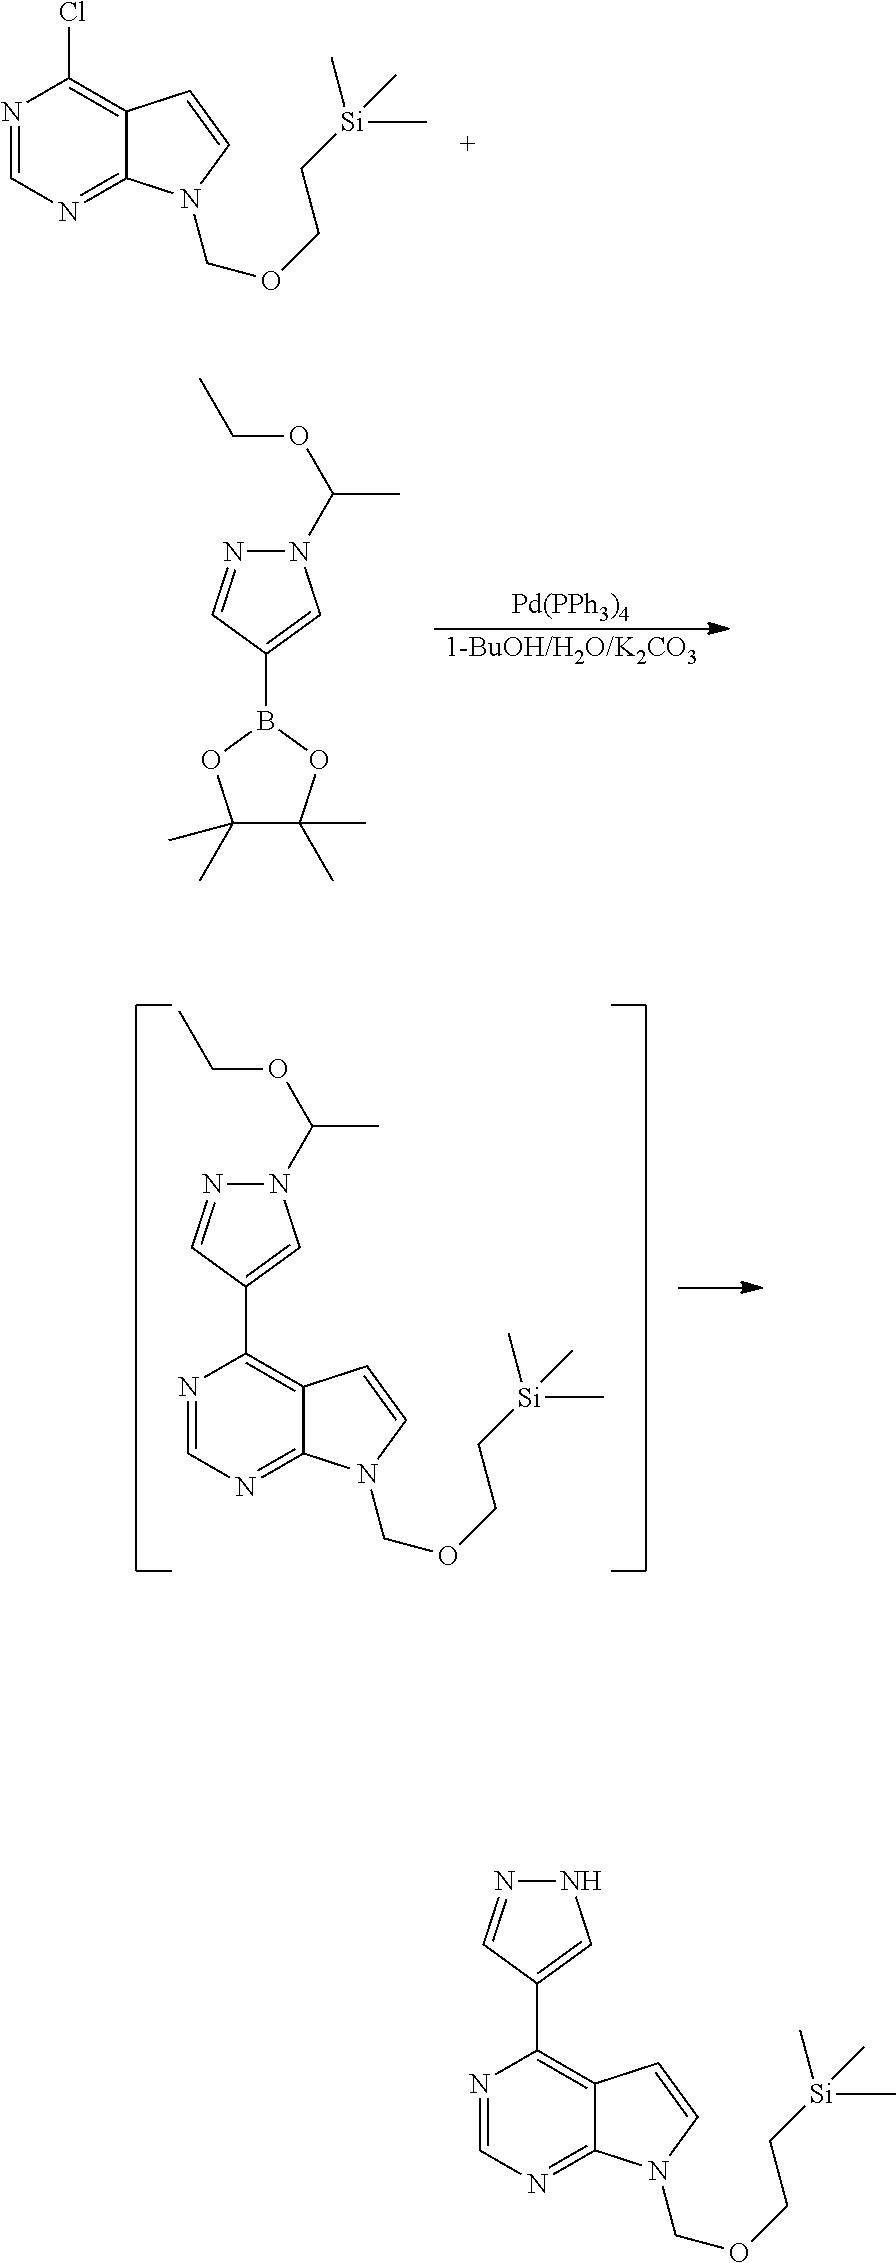 Figure US20110224190A1-20110915-C00029